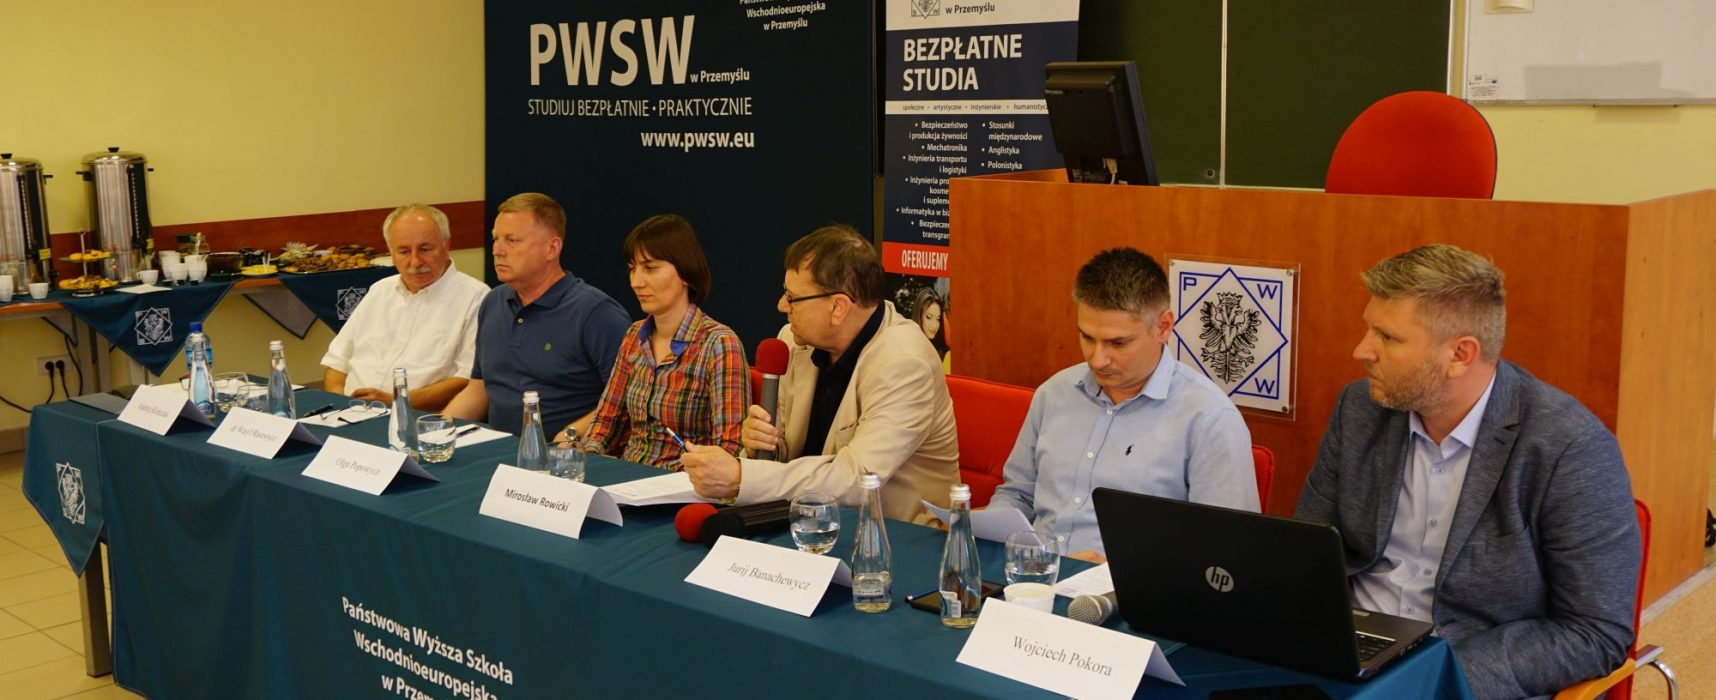 Перемышль: журналисты обсудили свою роль в польско-украинских отношениях